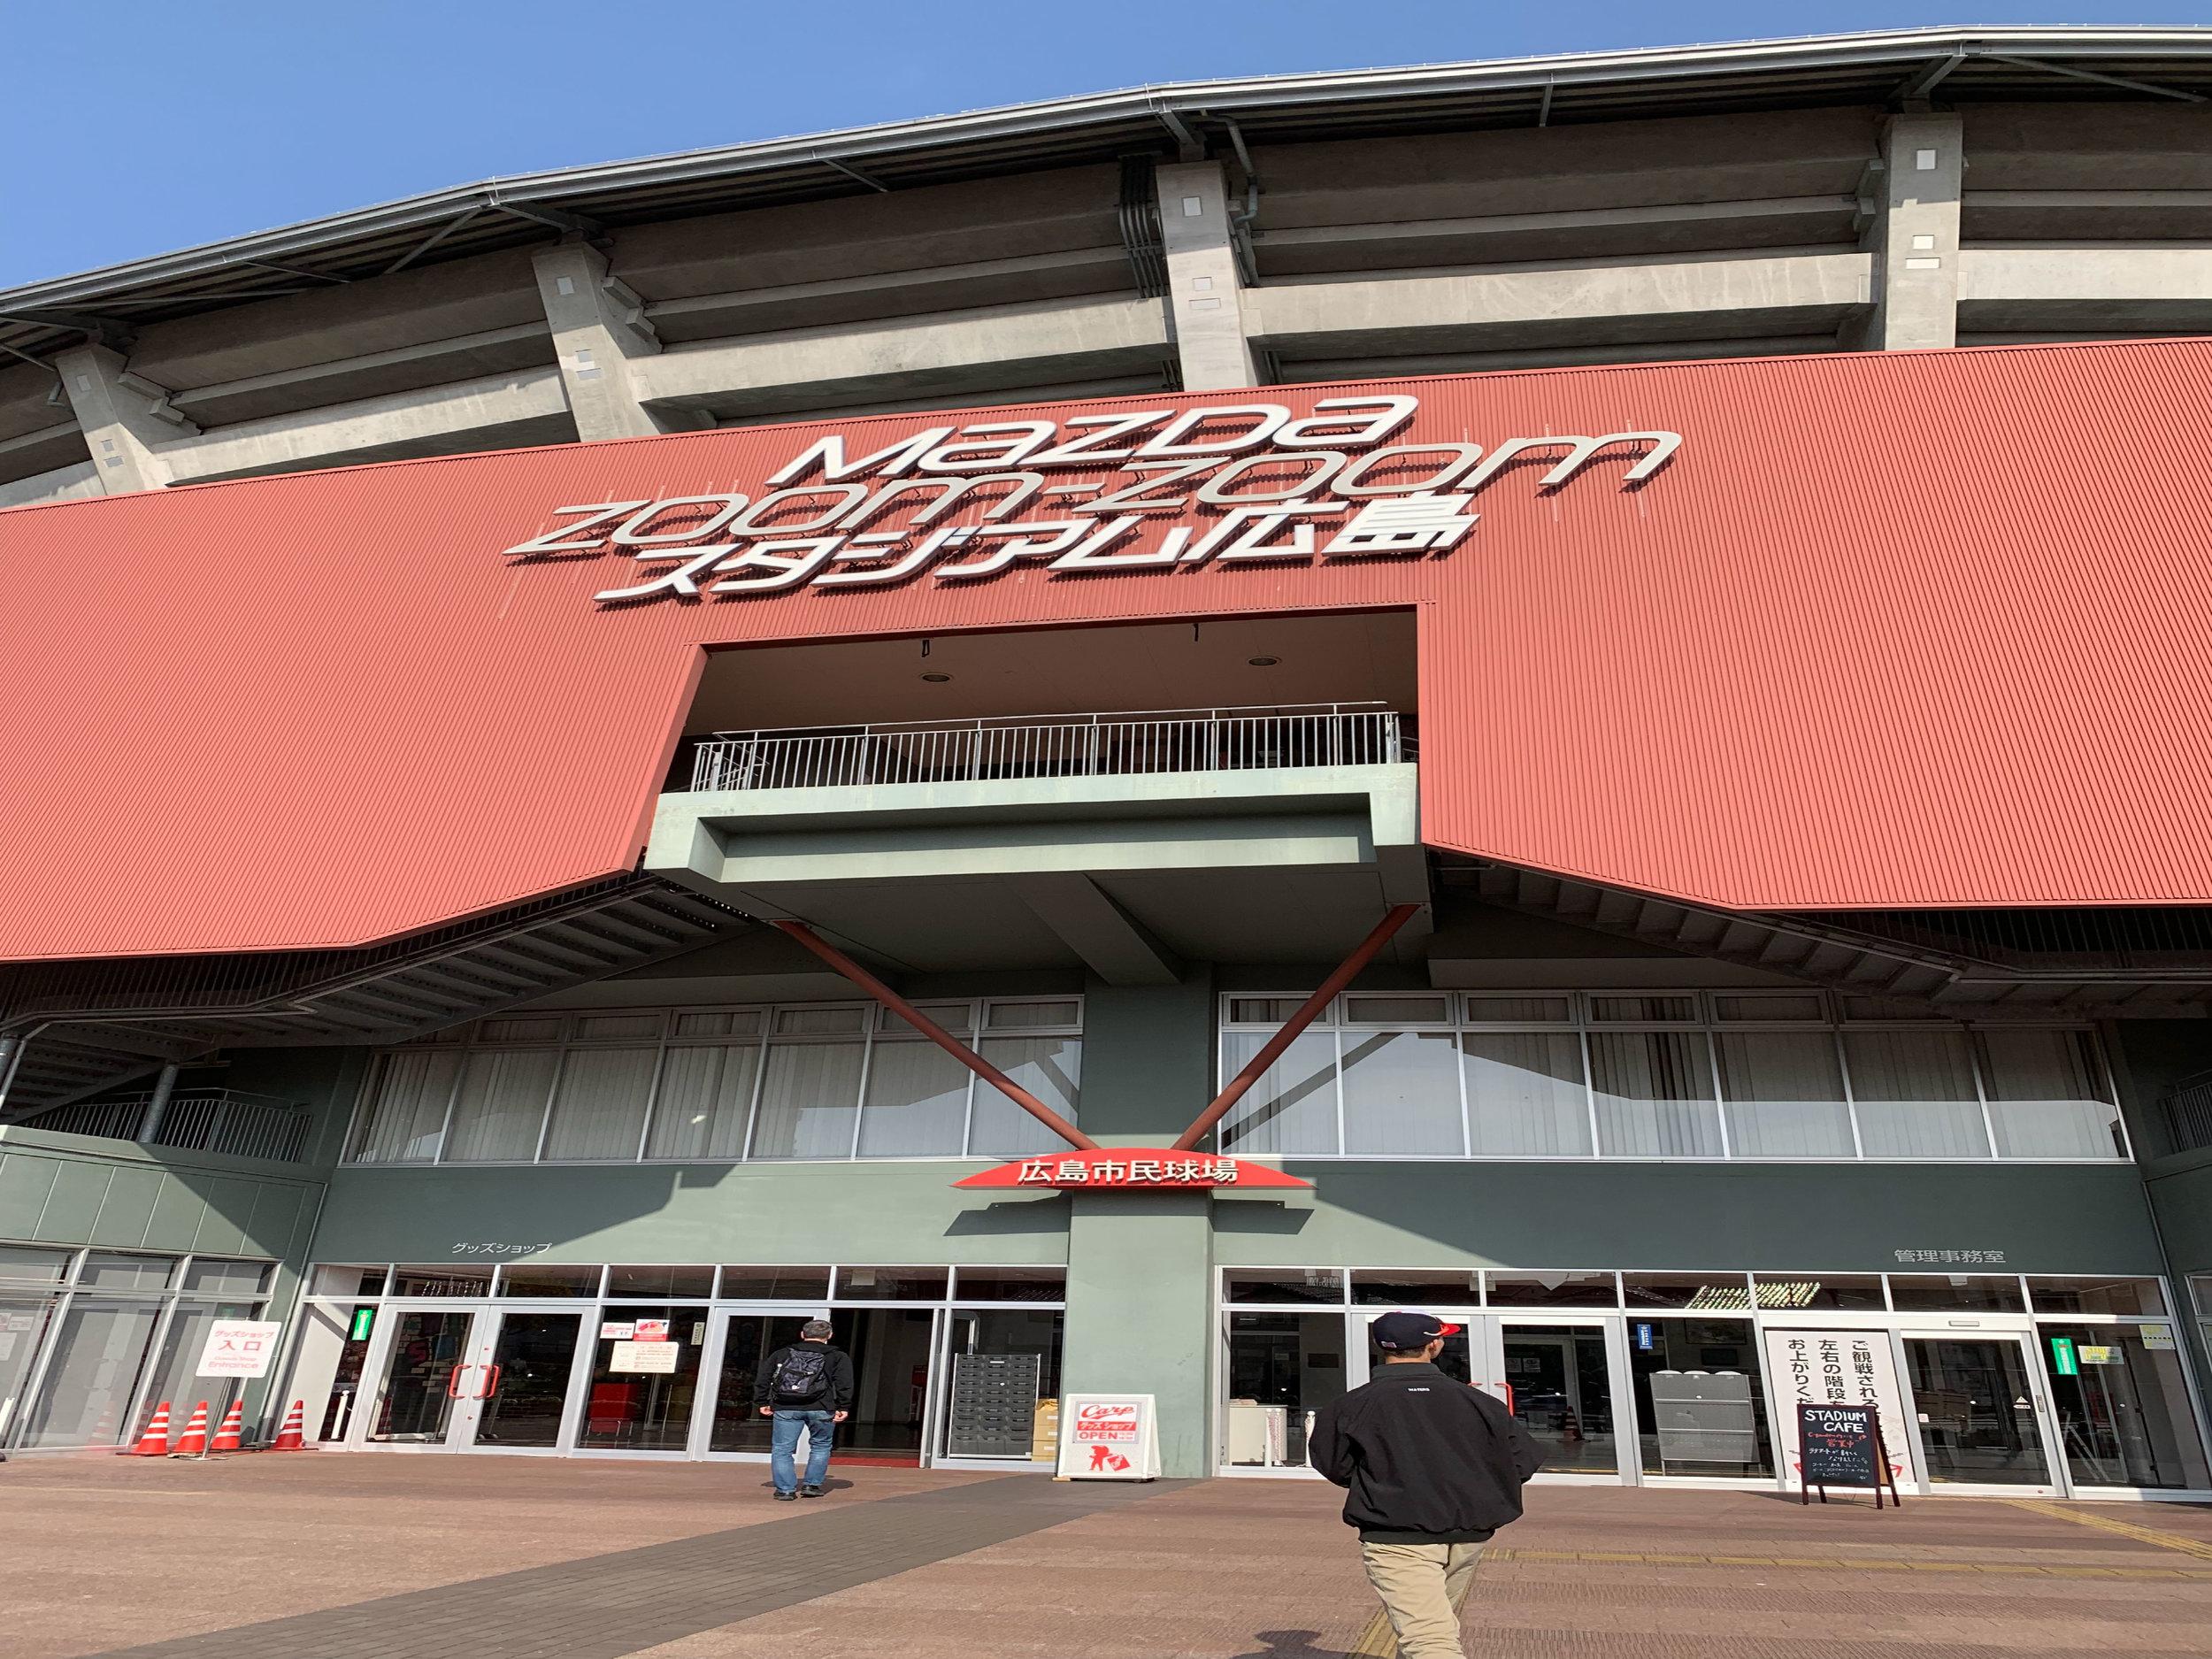 Hiroshima Carp Stadium